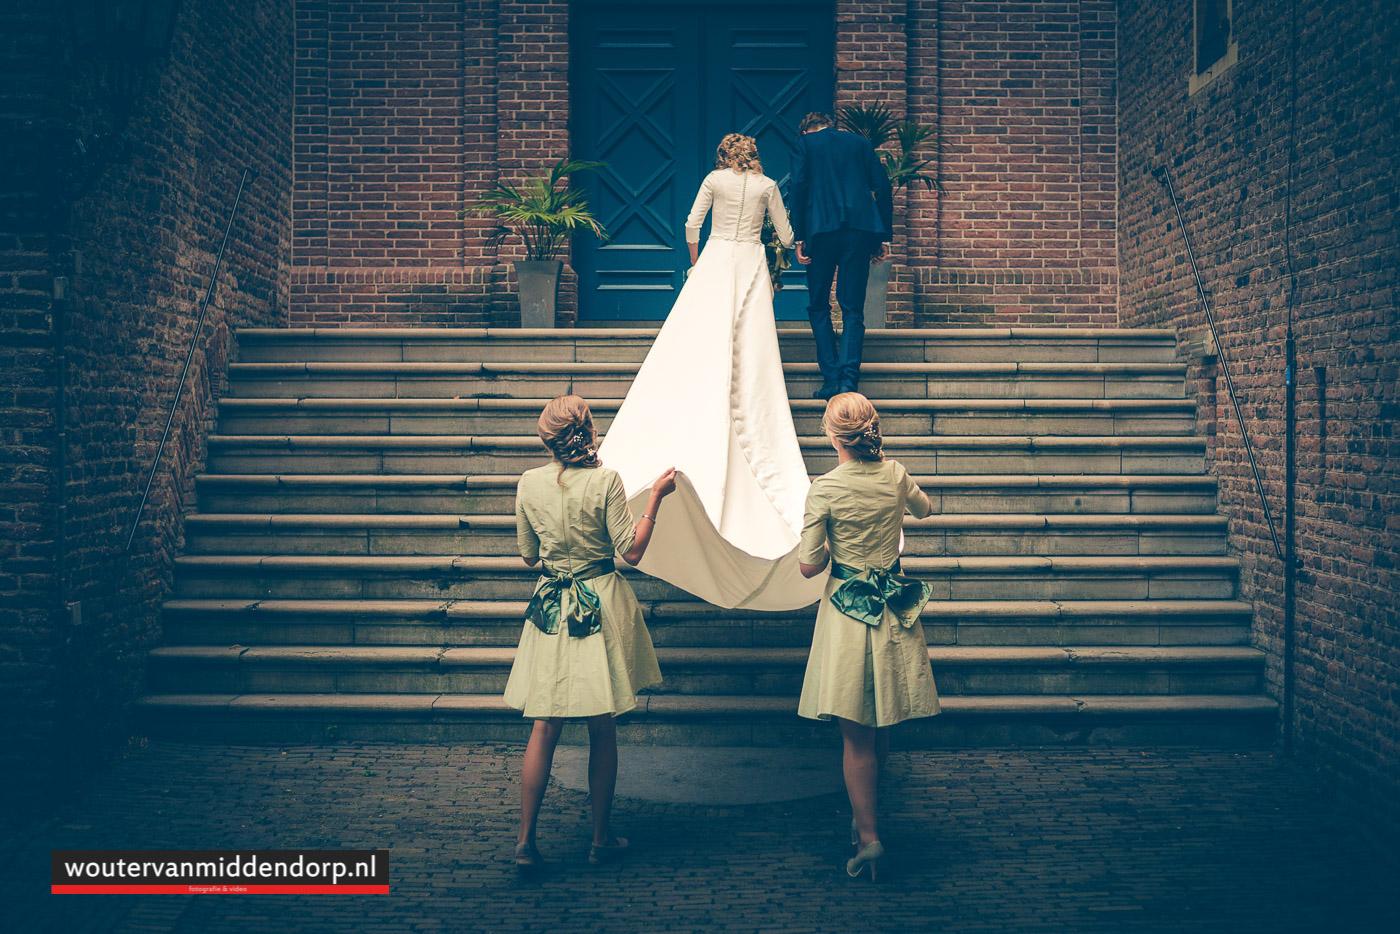 bruidsfotografie Wouter van Middendorp Uddel, Harskamp, Lunteren, Barneveld, fotograaf-16